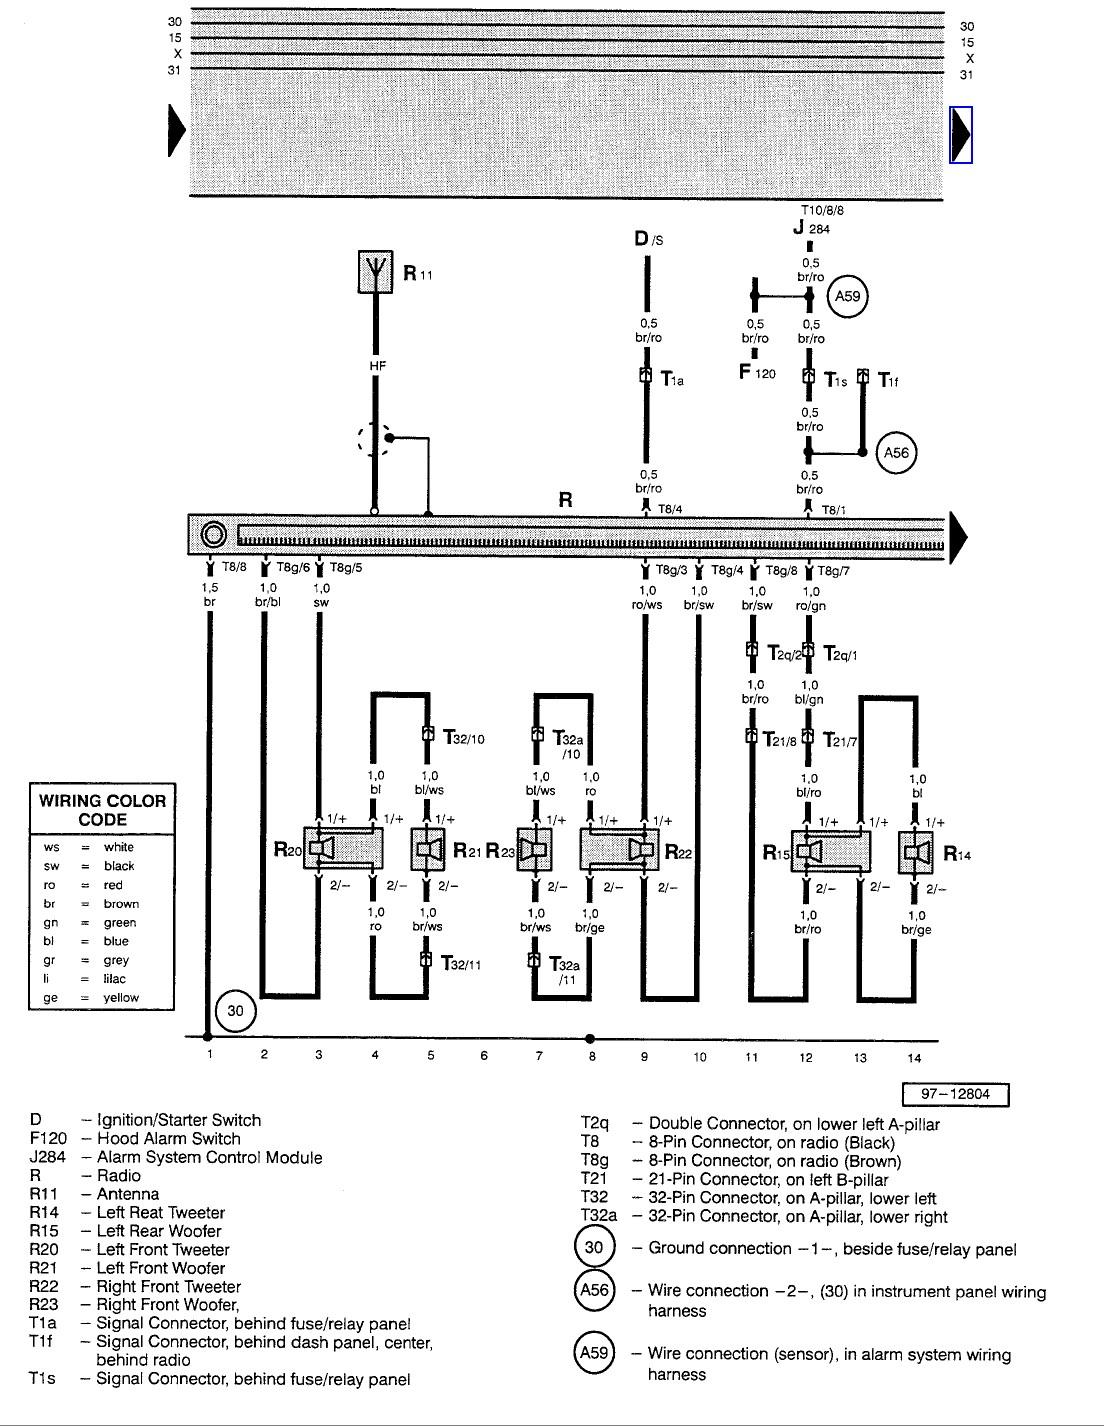 Jetta Wire Diagram 2014 Switch Back Harley Wiring Diagram Vww 69 Nescafe Jeanjaures37 Fr